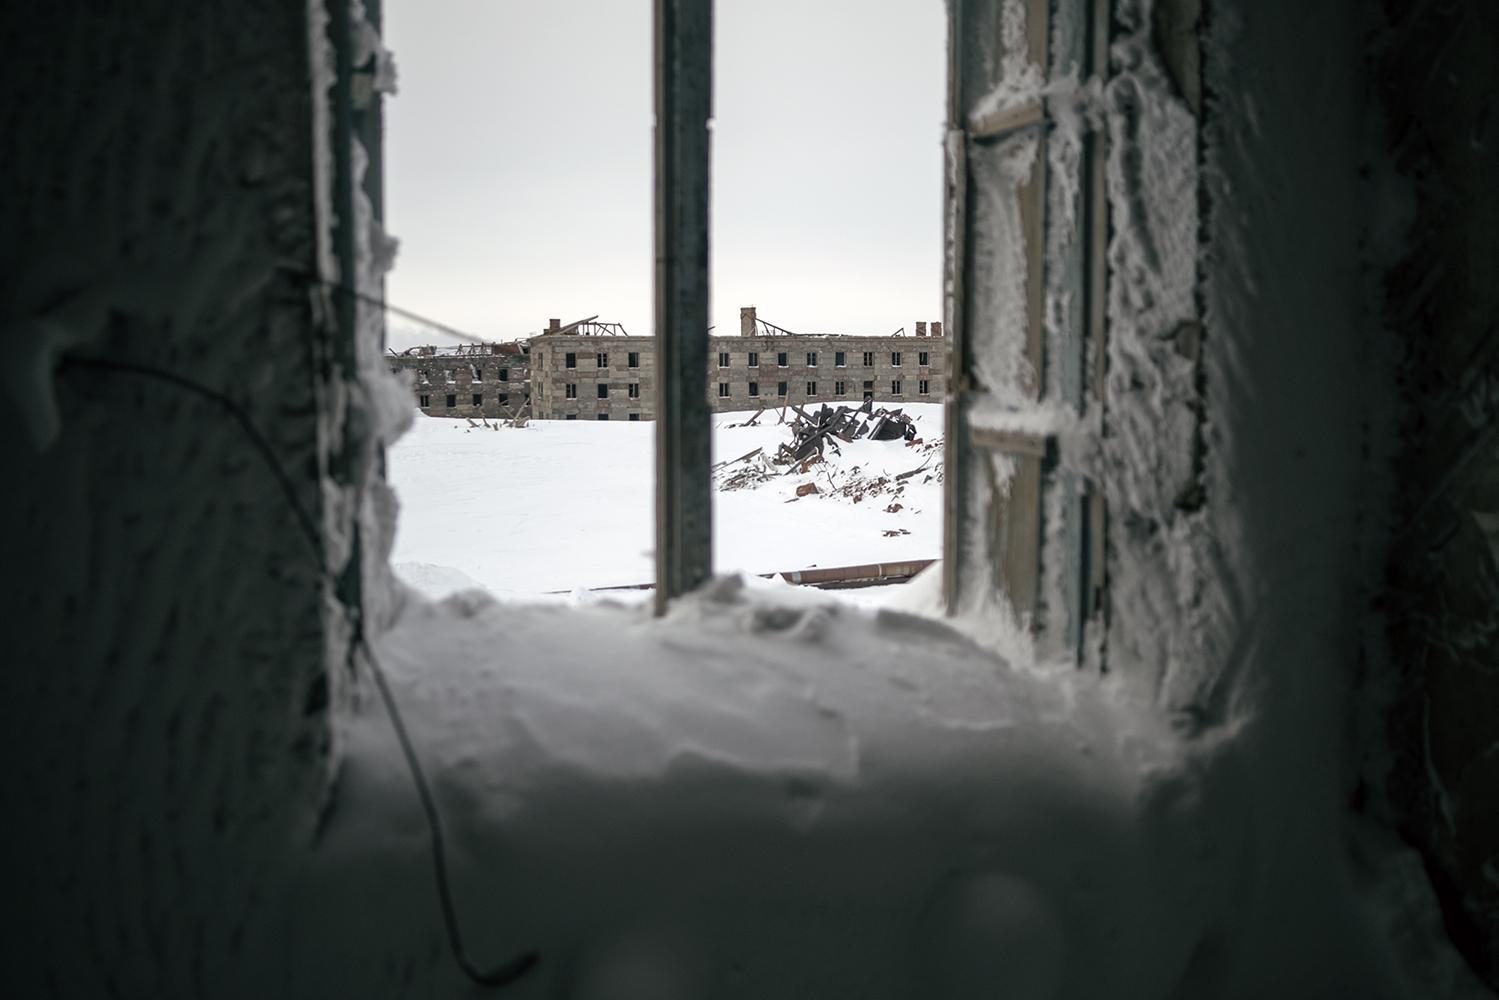 La ciudad vieja de Norilks es el lugar donde empezó todo y desde donde la ciudad fue creciendo poco a poco. Edificios de piedra con arquitectura clásica se mantiene helados en su interior, oficinas, almacenes, casas...